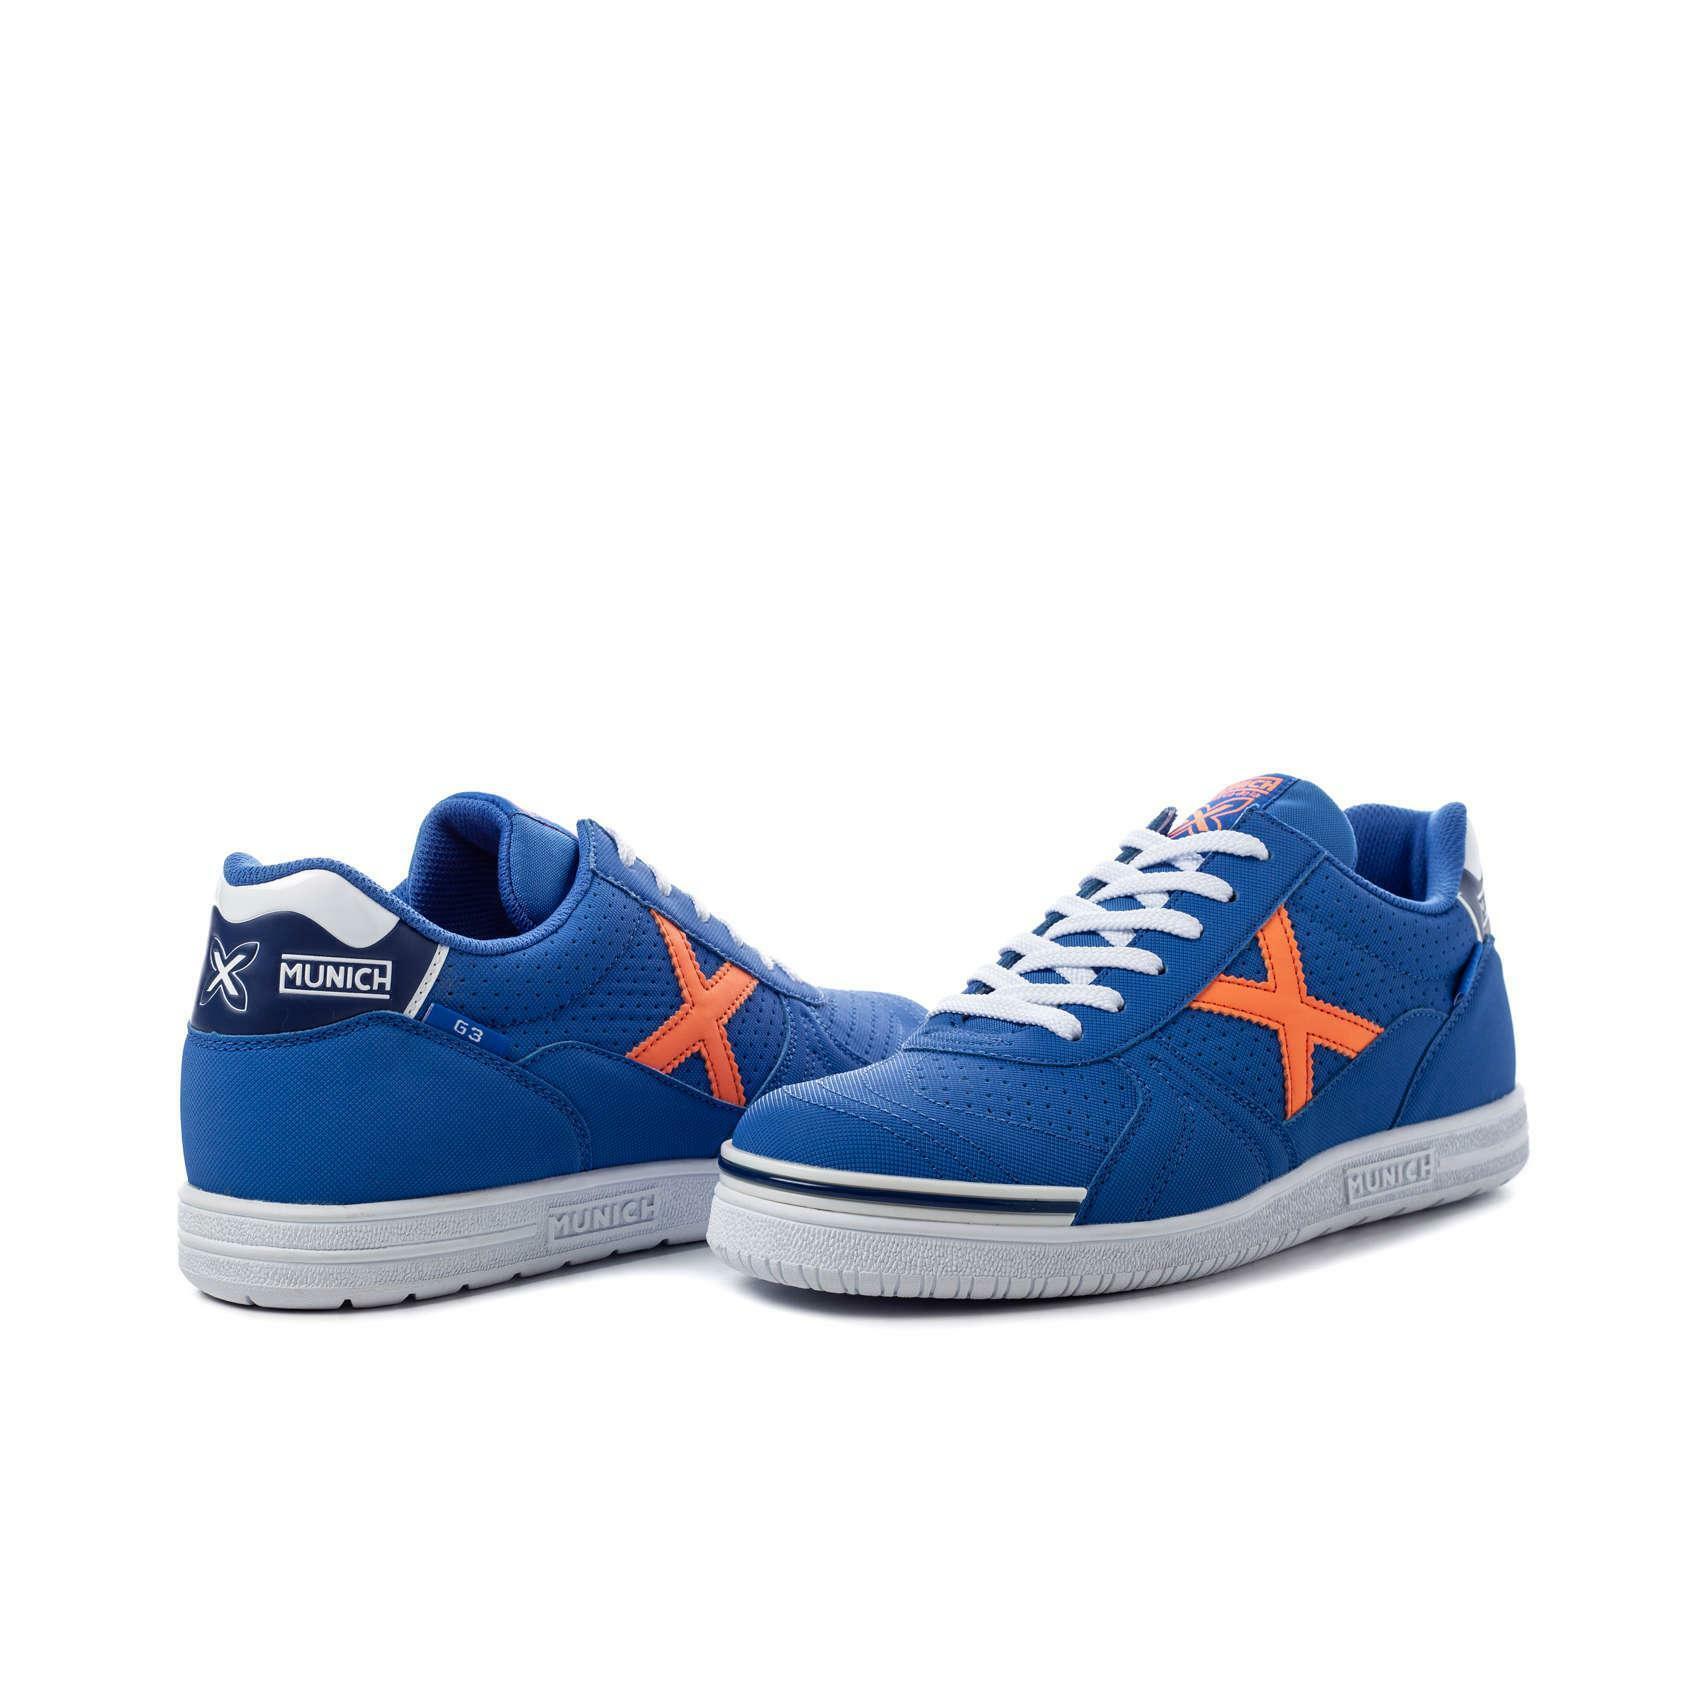 munich munich scarpa calcetto g3 profit azzurro